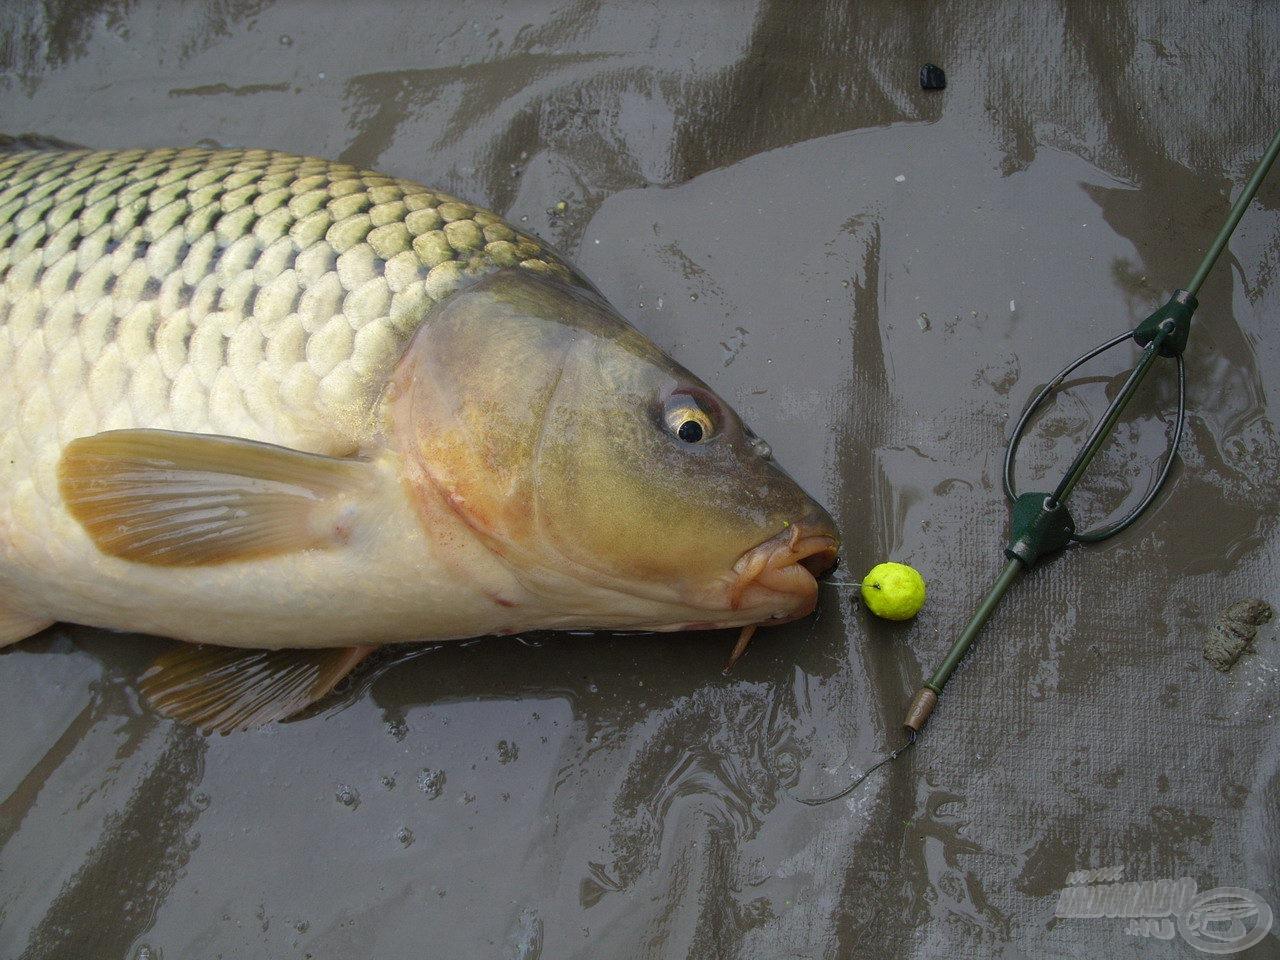 A halak általában olyan gyorsan visszahozták a bevetett csalit, hogy annak alig volt ideje oldódni